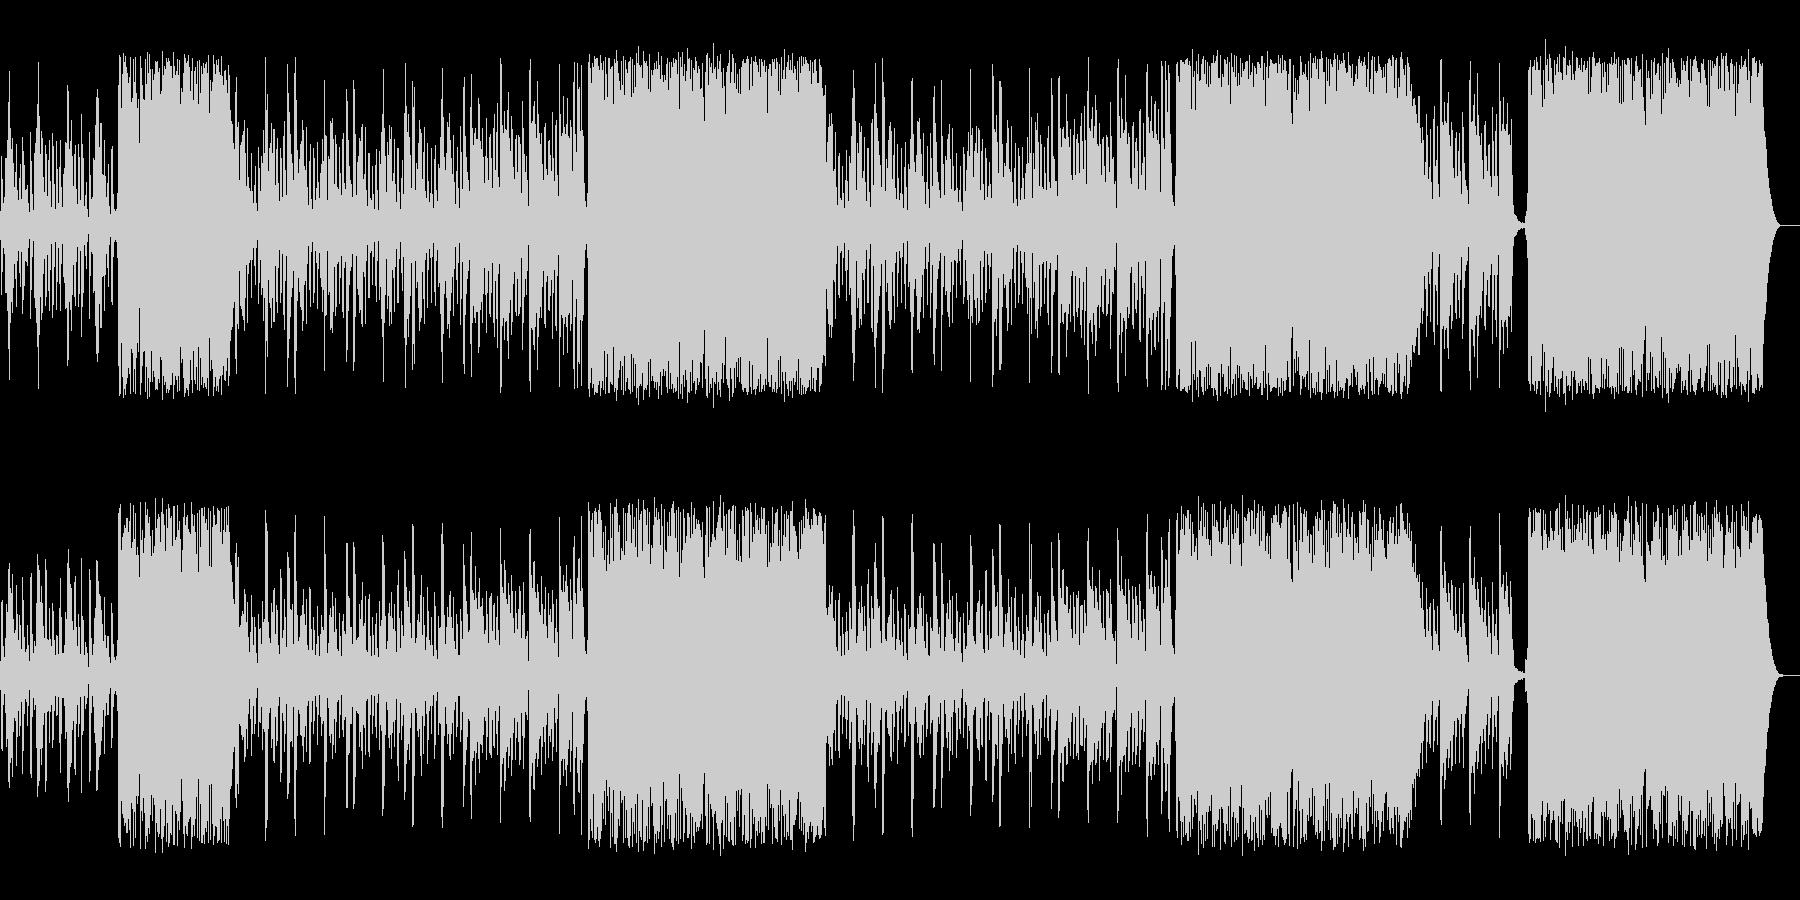 バイオリン/ヒップホップ/中東風/#3の未再生の波形